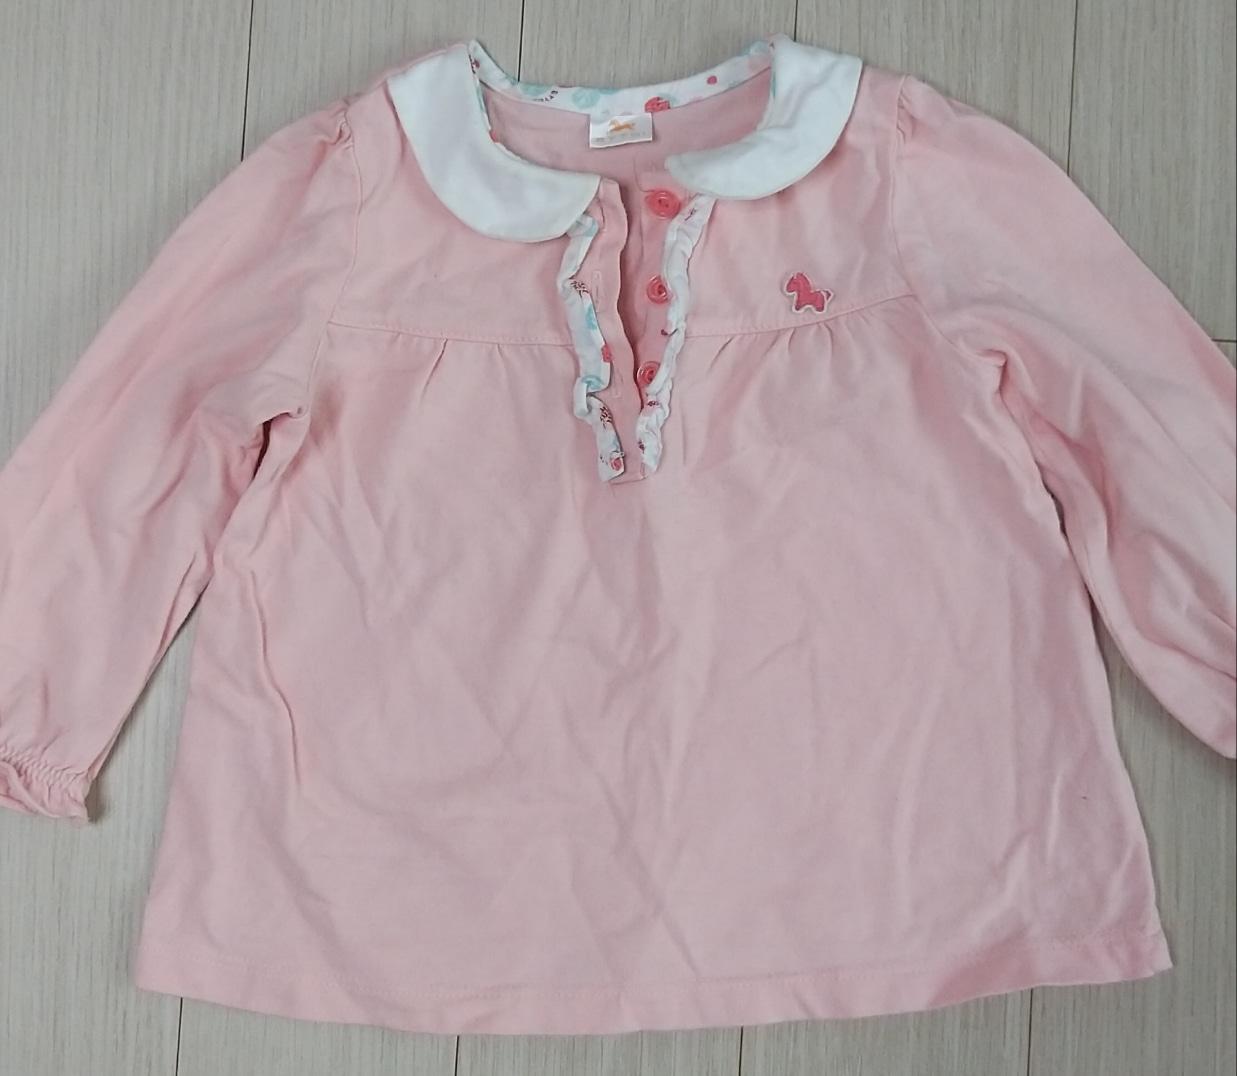 <아기옷, 어린이옷> 완전 저렴하게 판매!!!ㅡ3